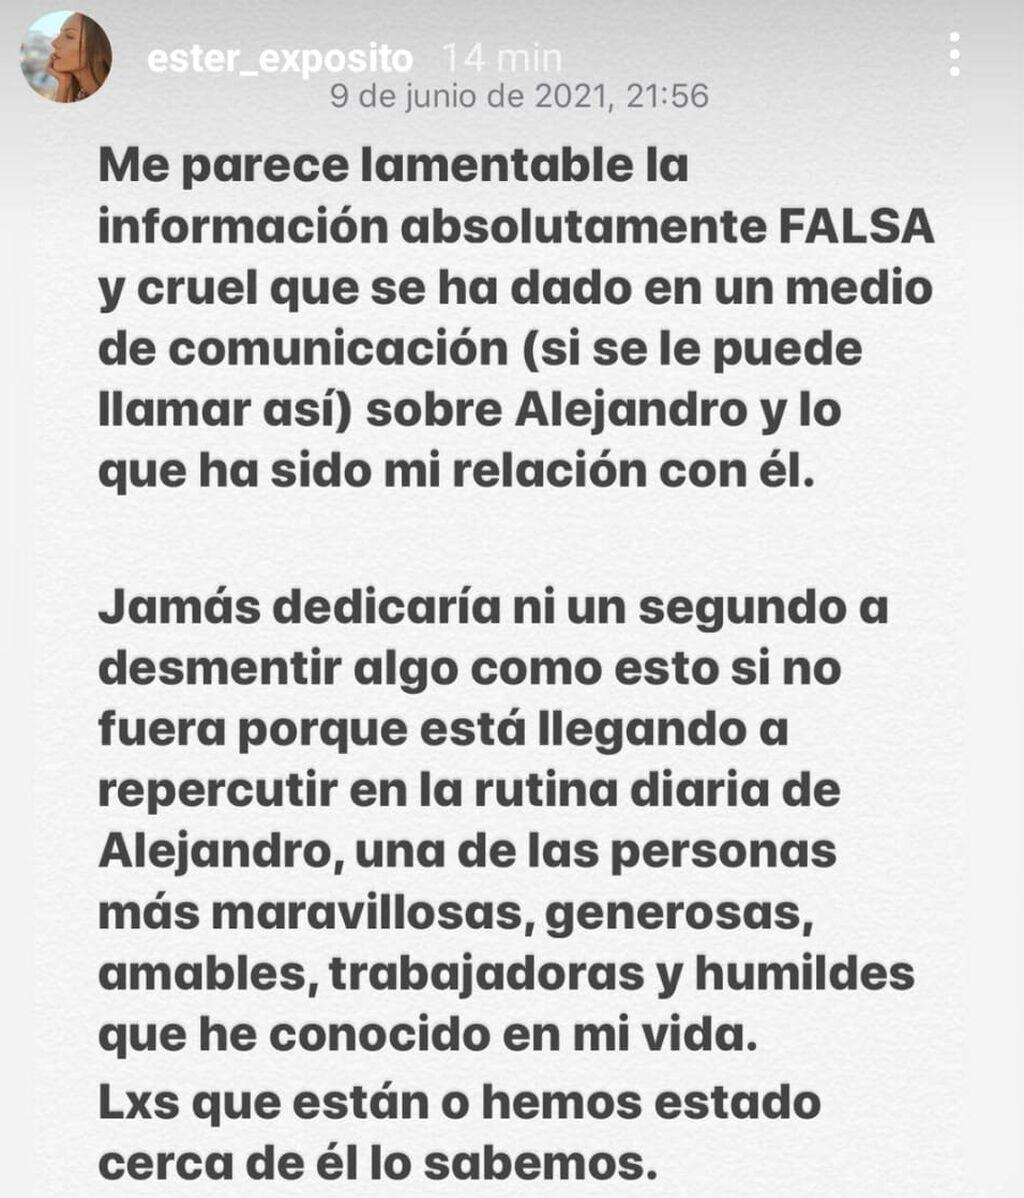 El comunicado de Ester Expósito en Instagram